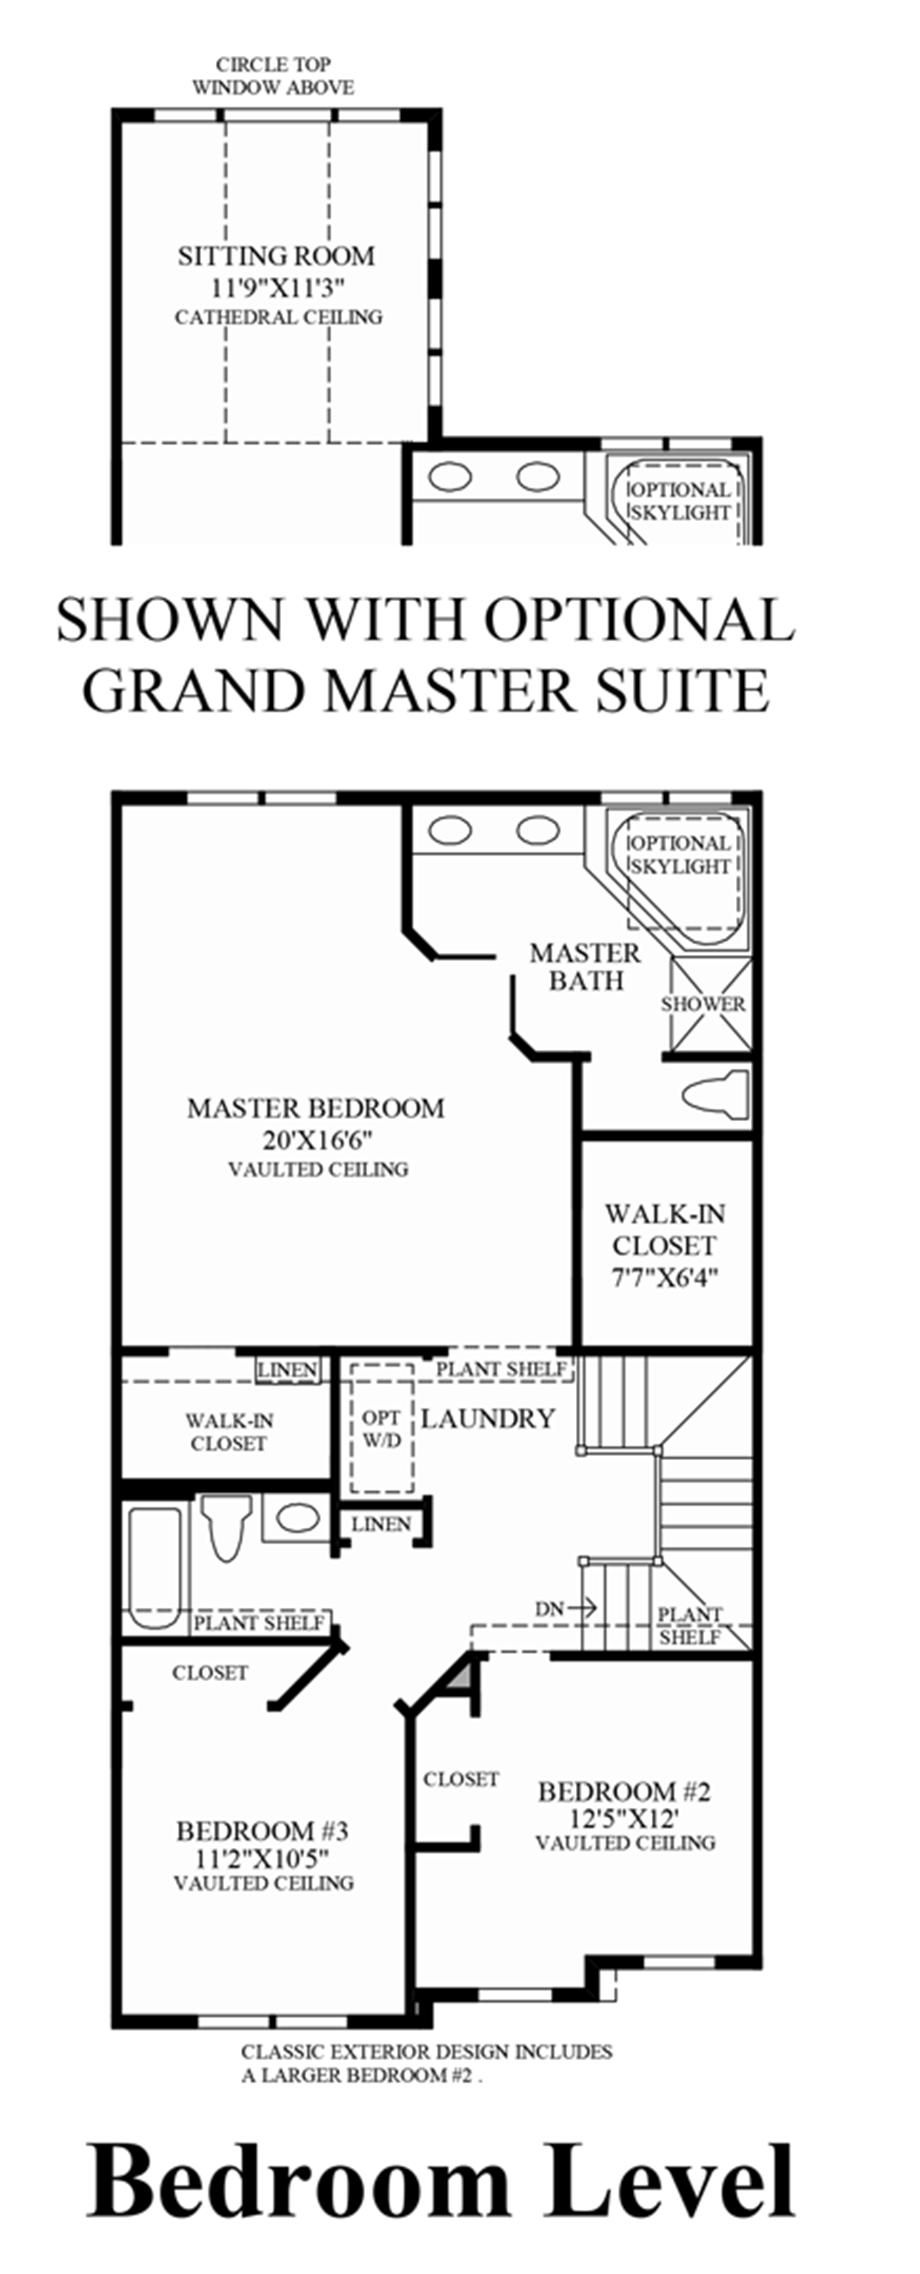 Bedroom Level (Lower Level Entry) Floor Plan